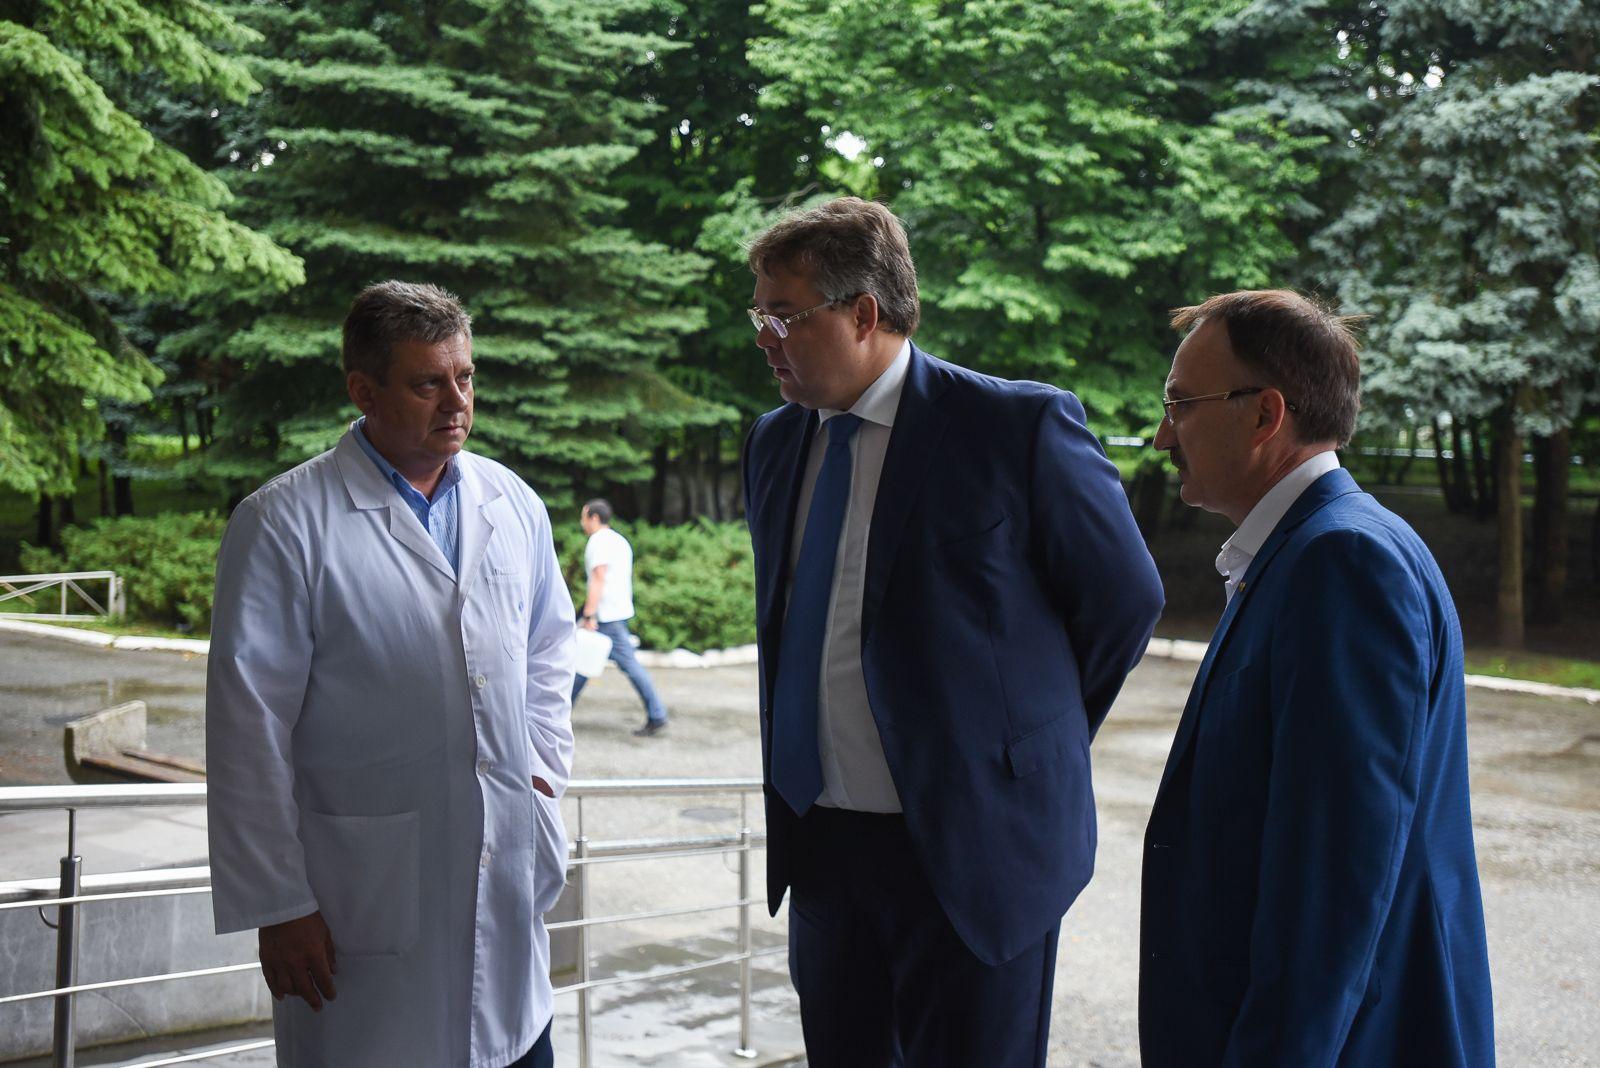 Губернатор Ставропольского края навестил подростка, раненного при задержании бандита